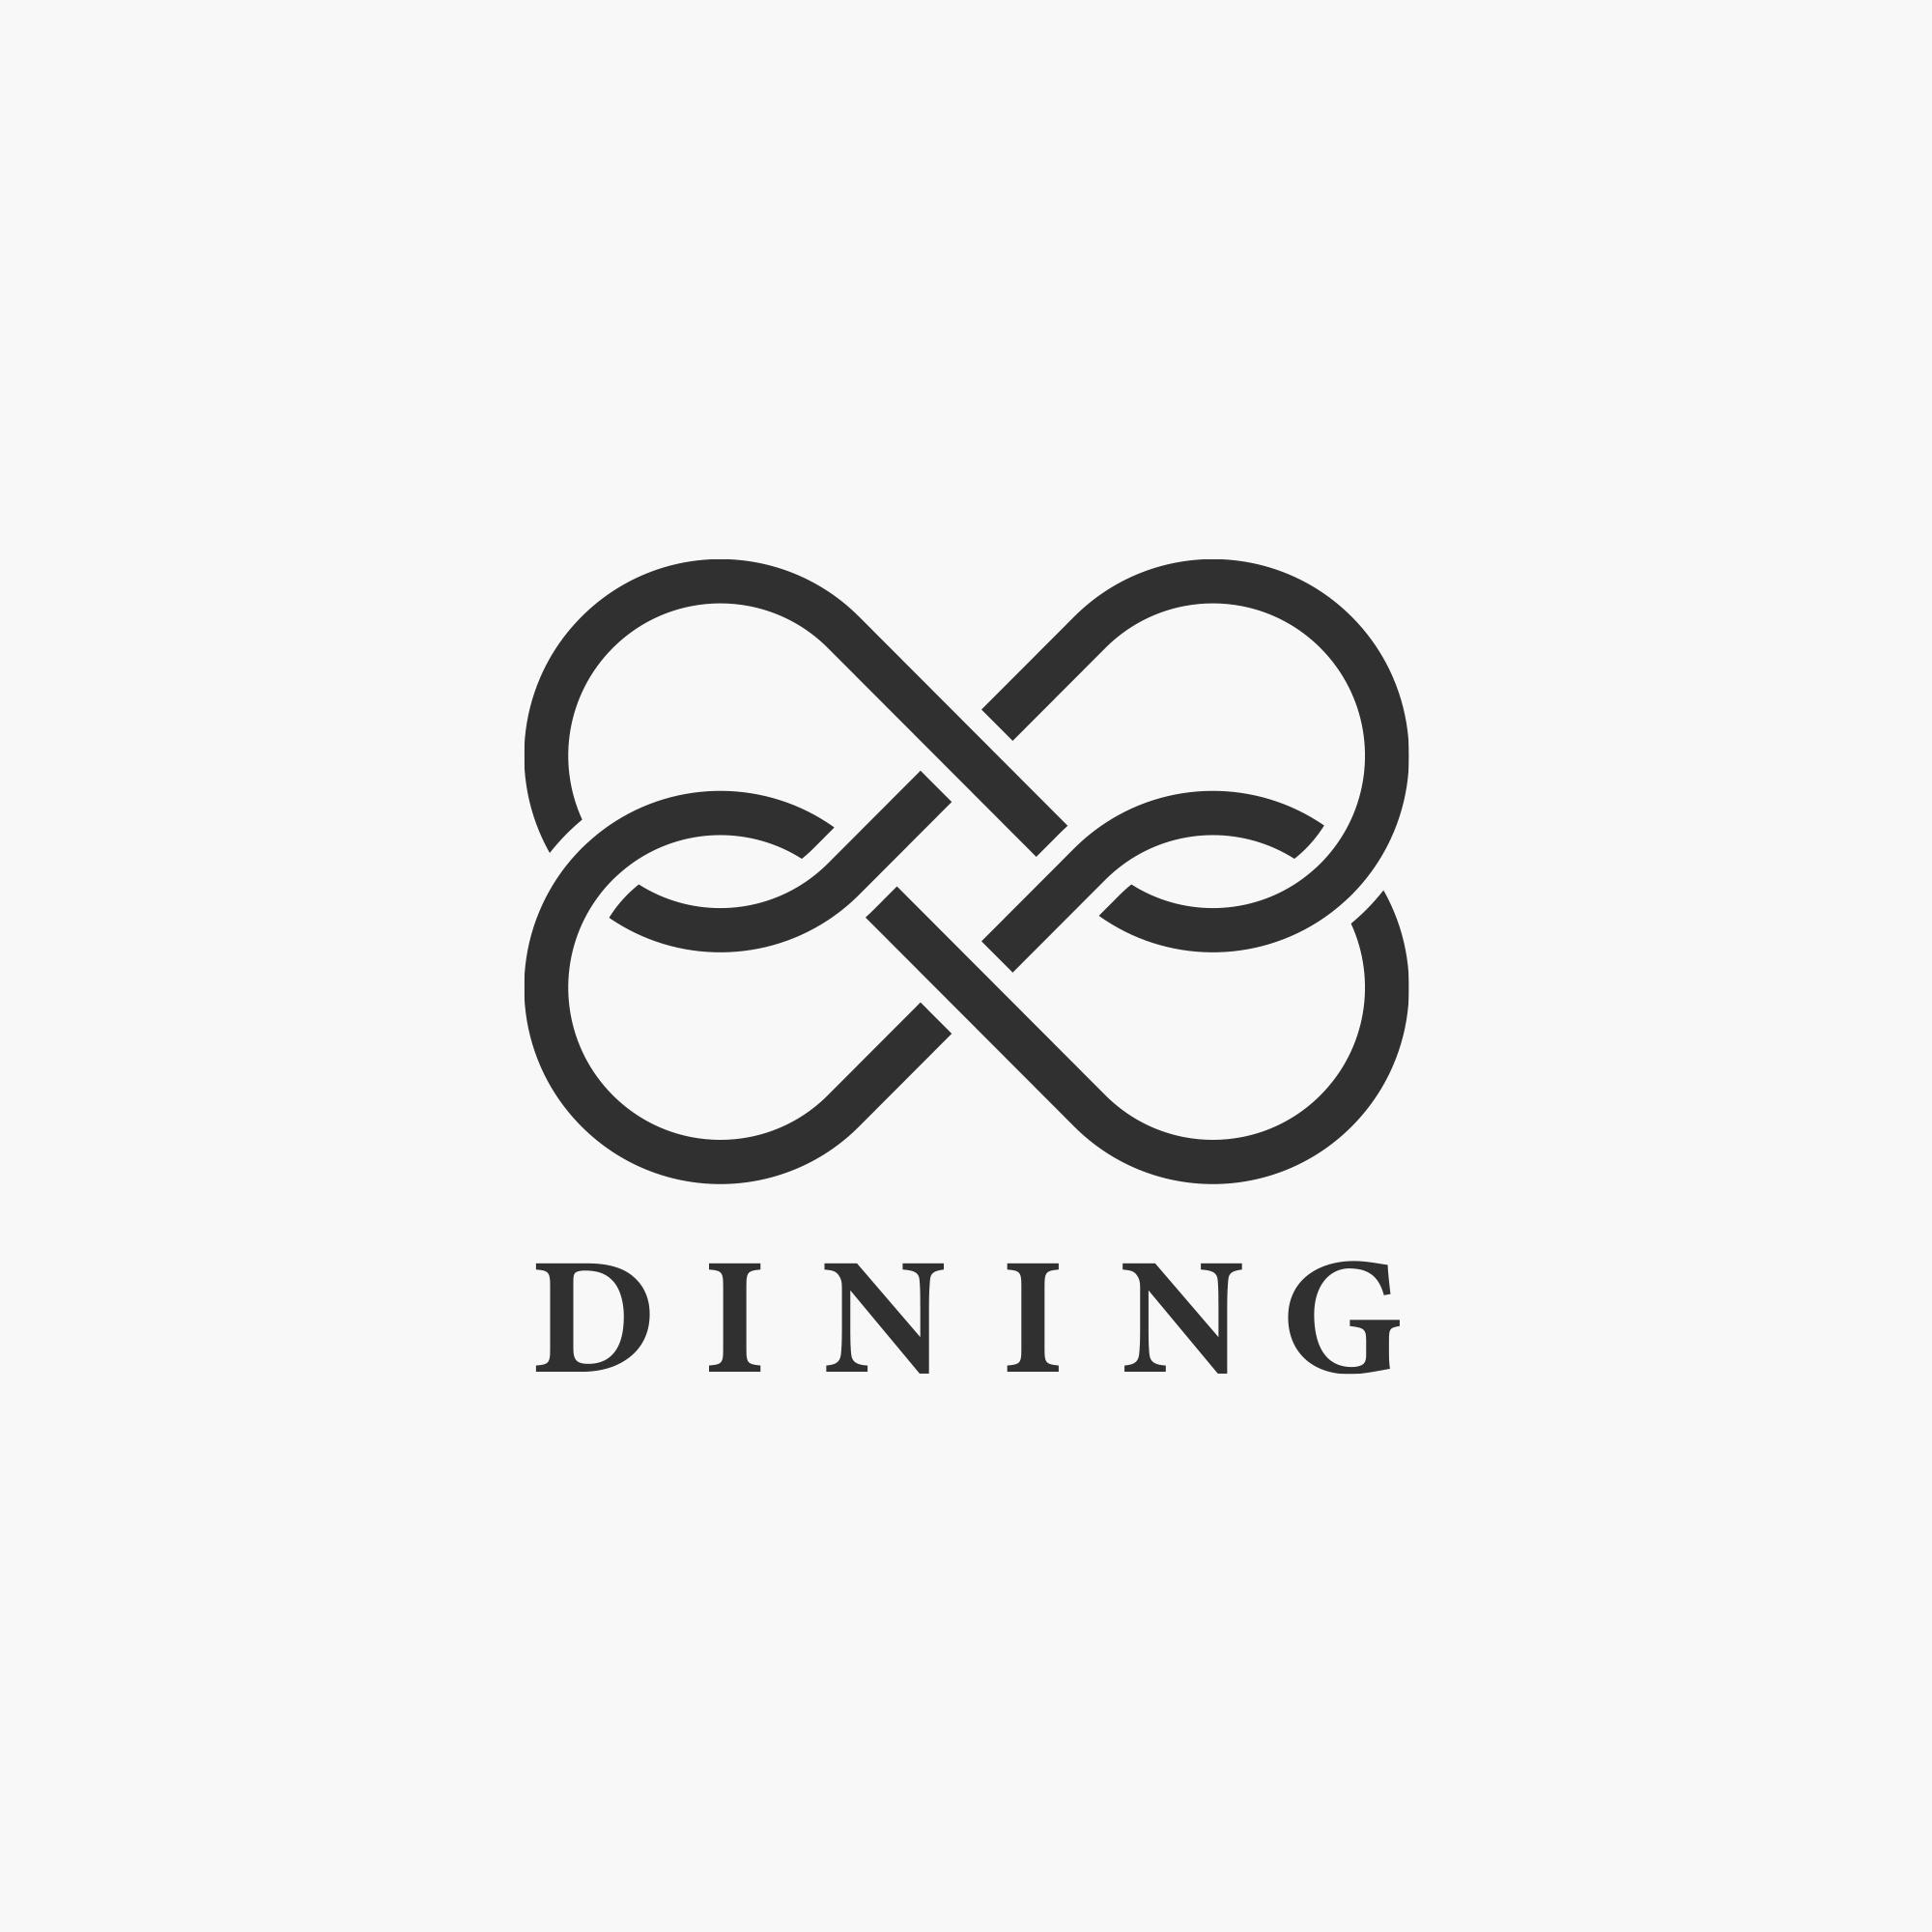 MUGEN DINING